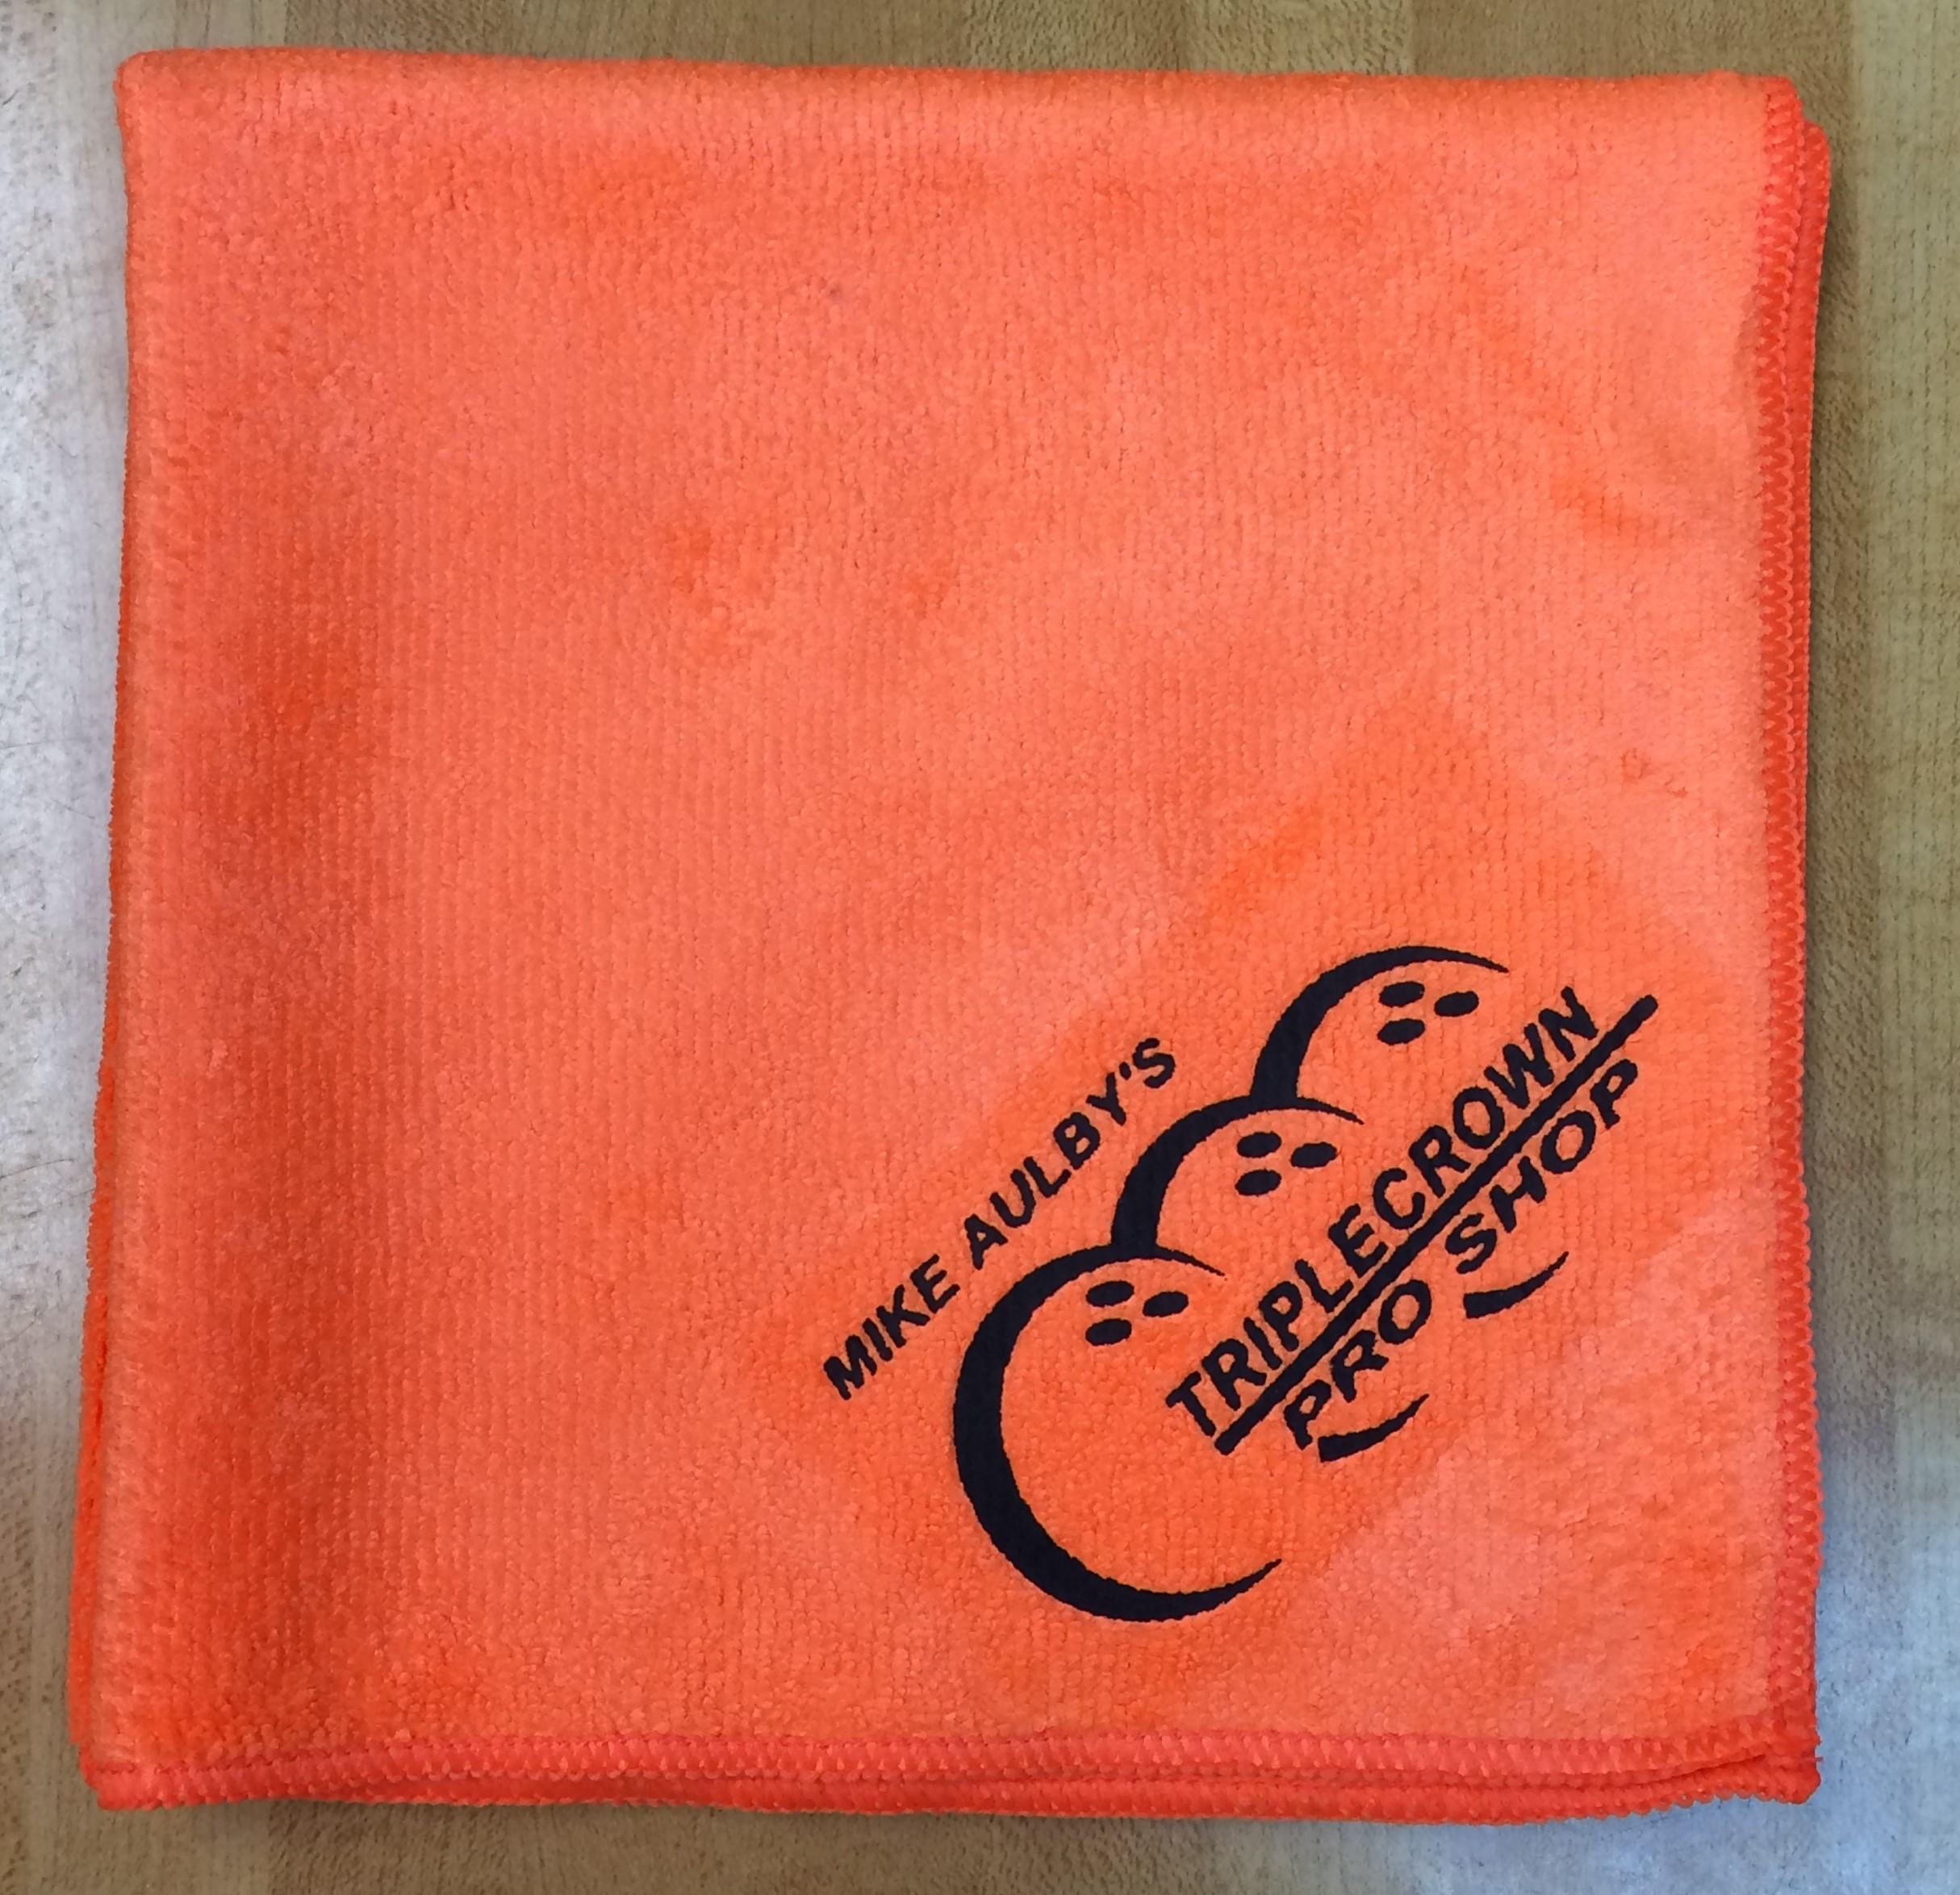 Orange Triple Crown Microfiber